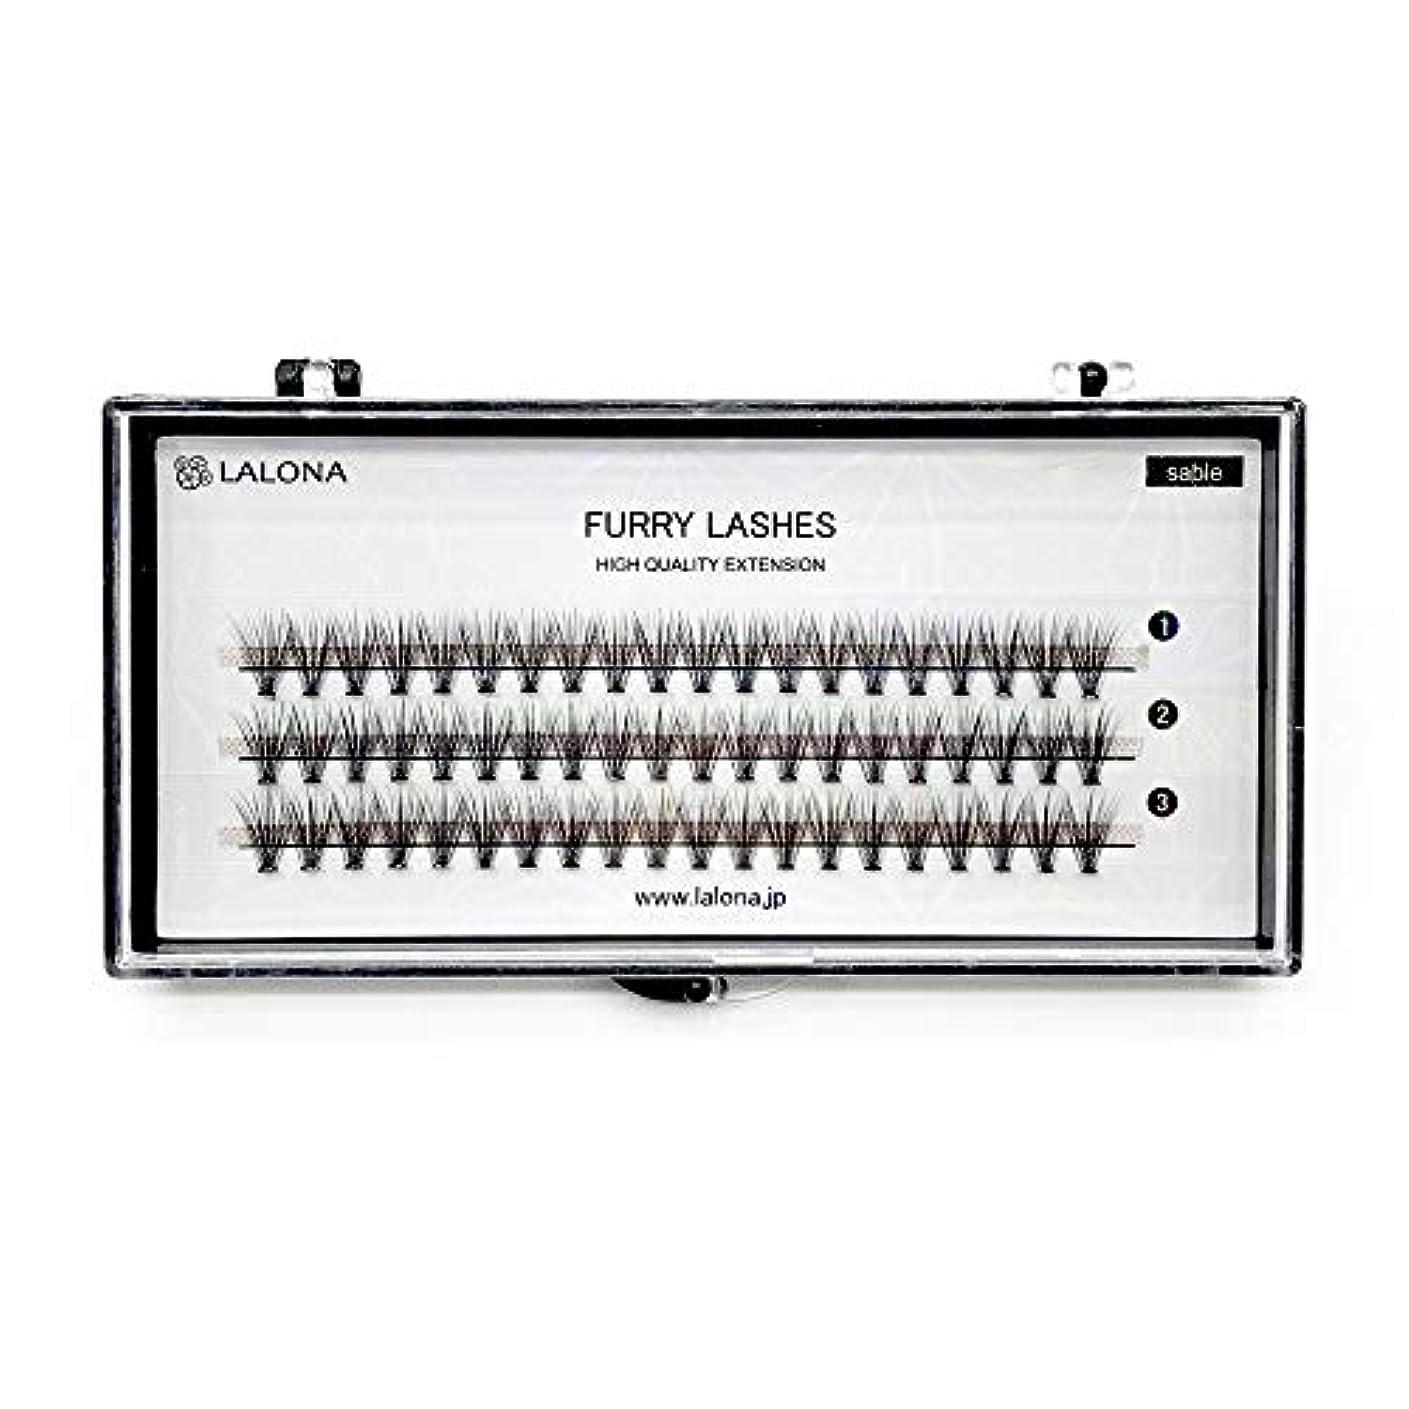 荒野時間とともに叙情的なLALONA [ ラローナ ] ファーリーラッシュ (30D) (60pcs) まつげエクステ 30本束 フレアラッシュ まつエク マツエク 束まつげ セーブル (0.05 / MIX)